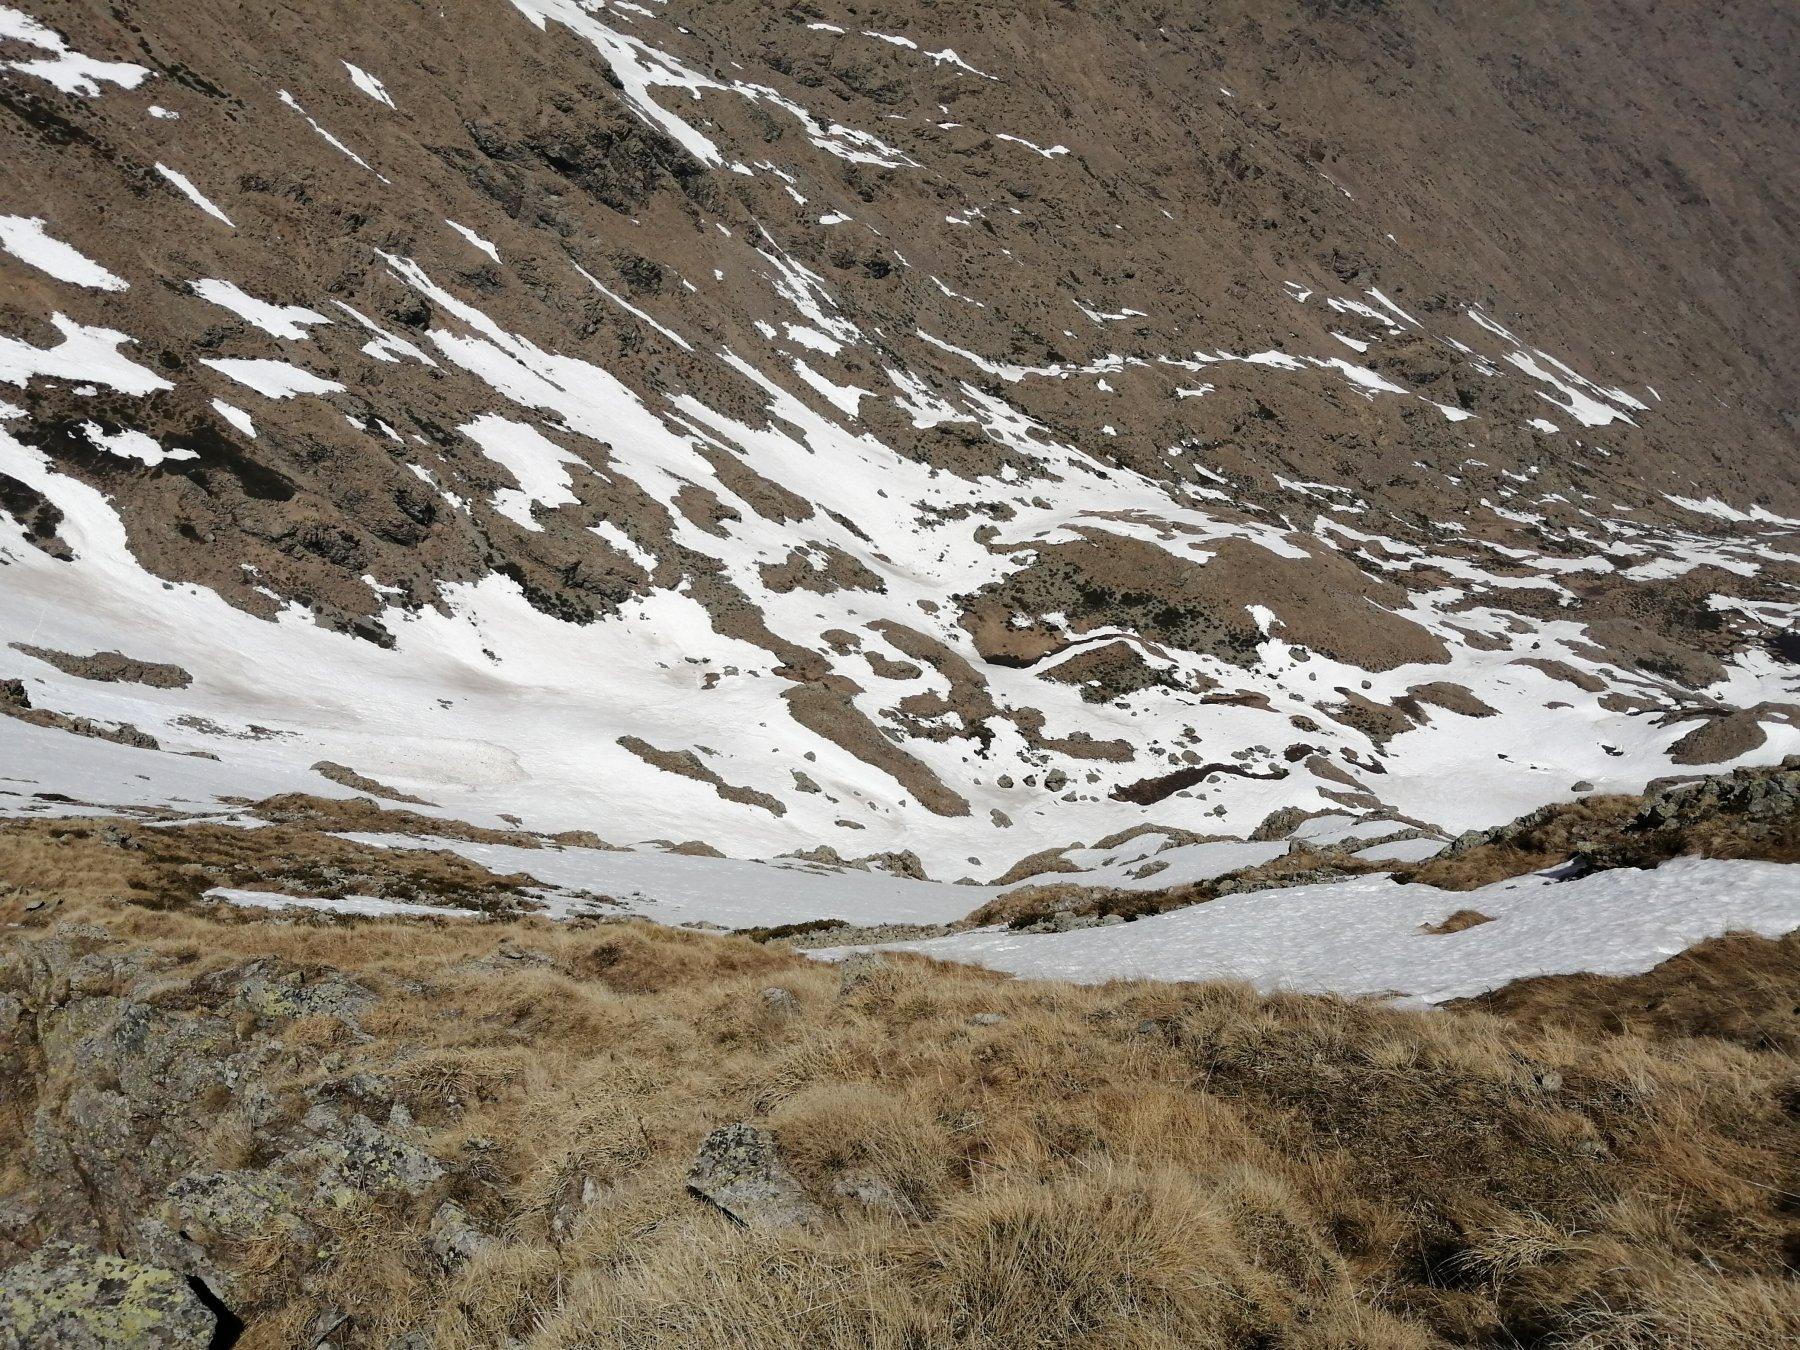 condizioni neve del 5/5/20 nel canalone nord